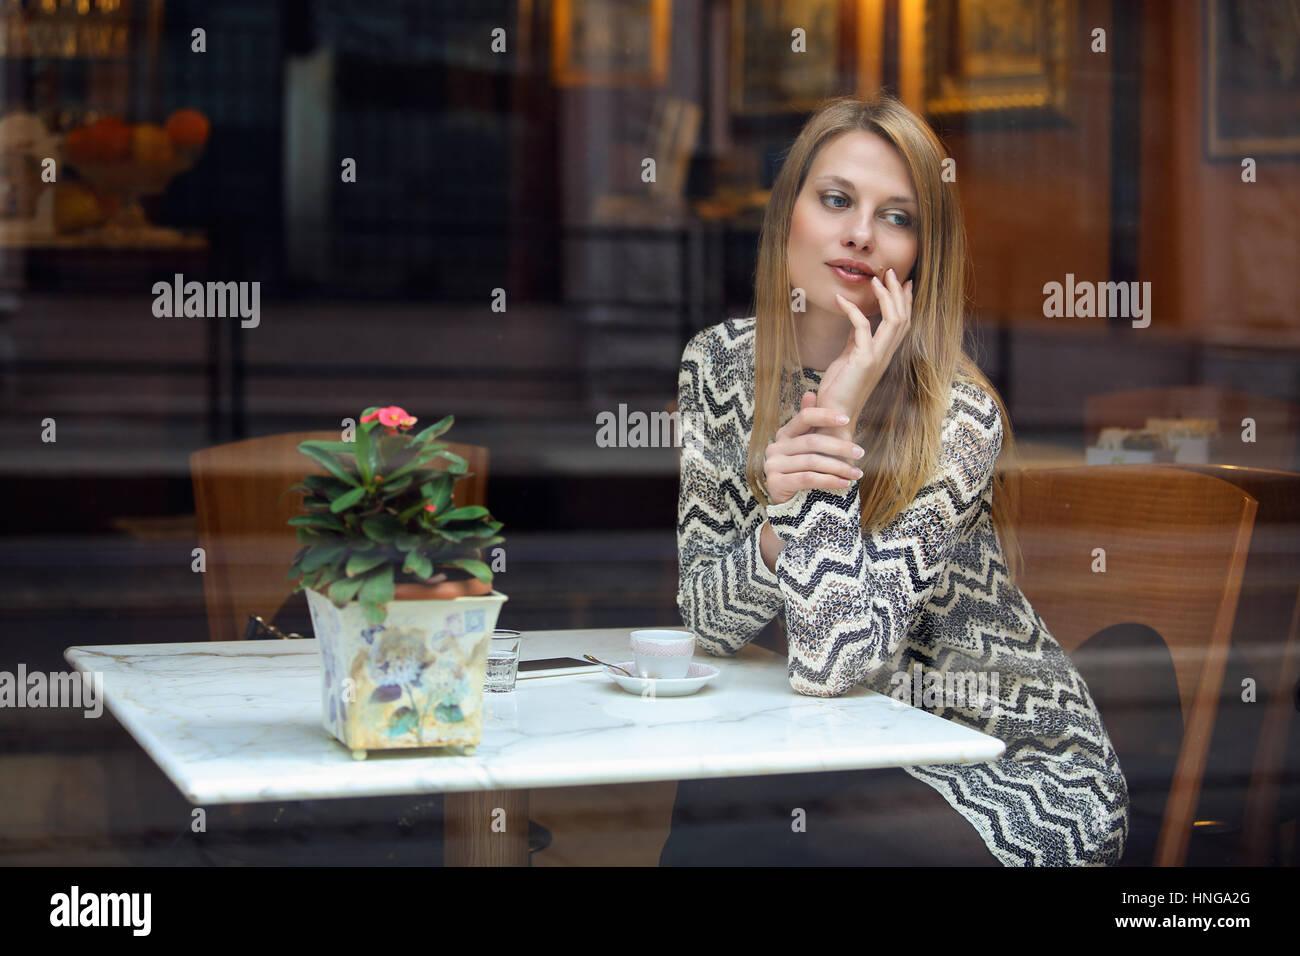 Elegante giovane donna in un elegante cafe. Urban shot Immagini Stock